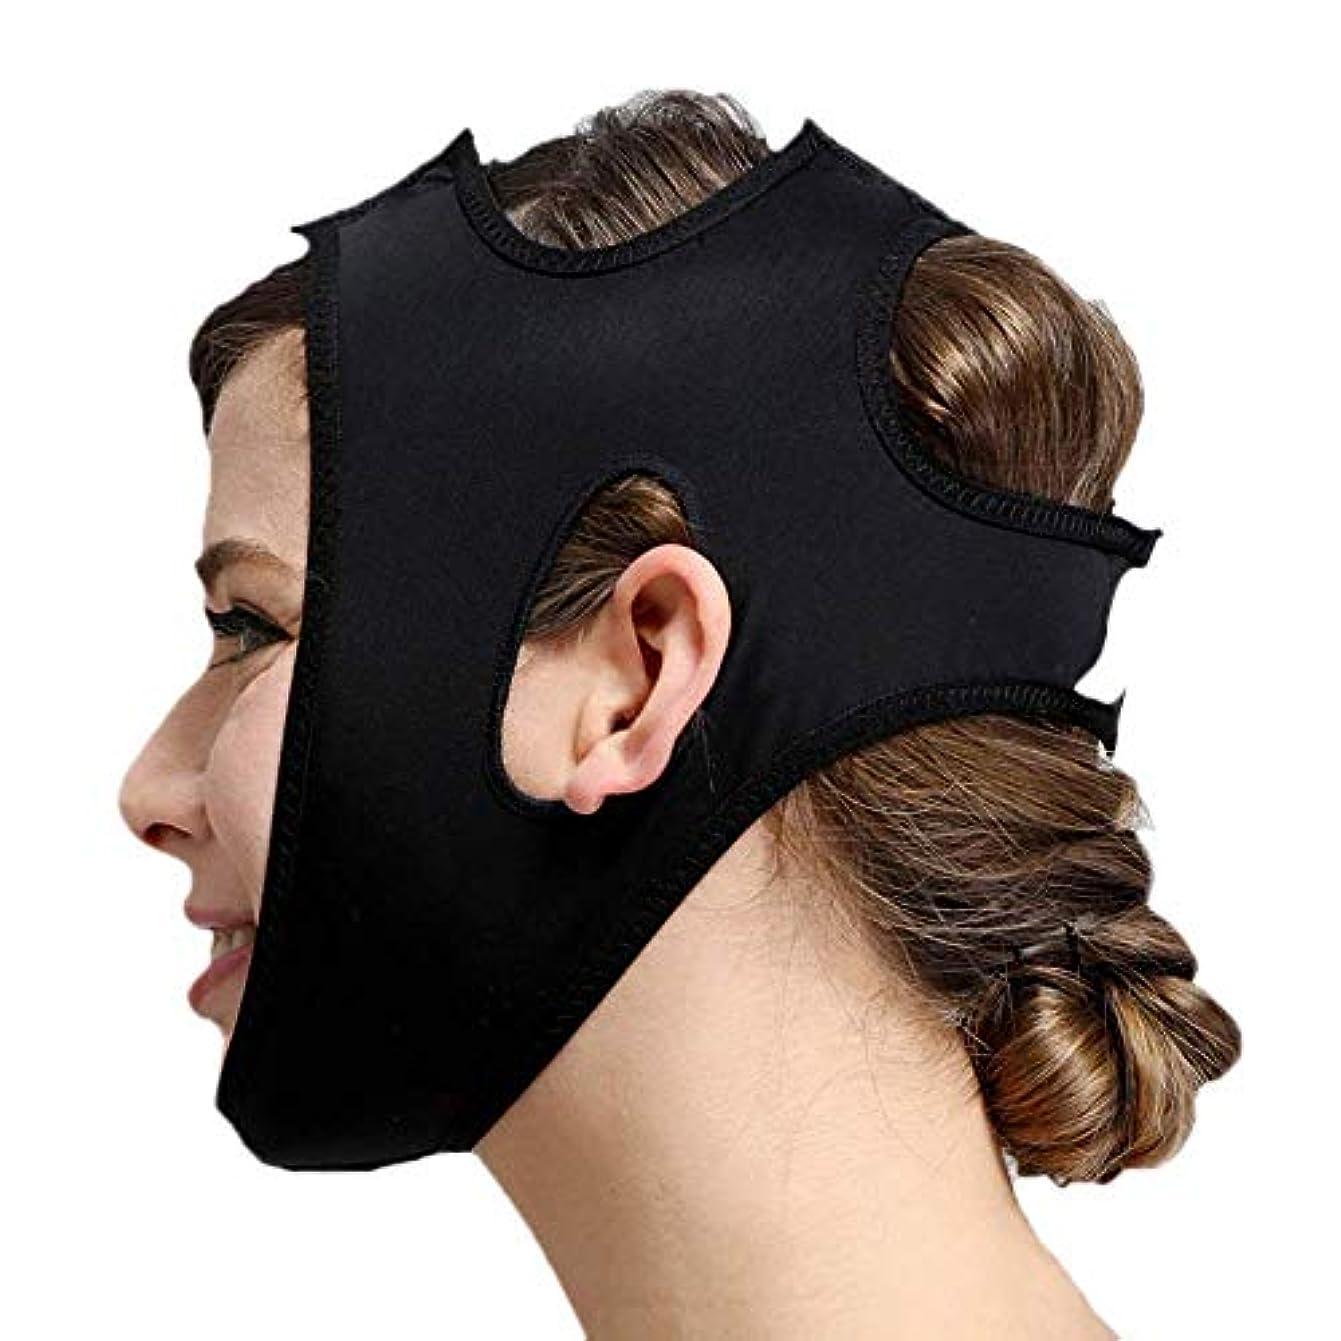 カロリーレキシコン取得するフェイススリミングマスク、快適さと通気性、フェイシャルリフティング、輪郭の改善された硬さ、ファーミングとリフティングフェイス(カラー:ブラック、サイズ:XL),黒、L